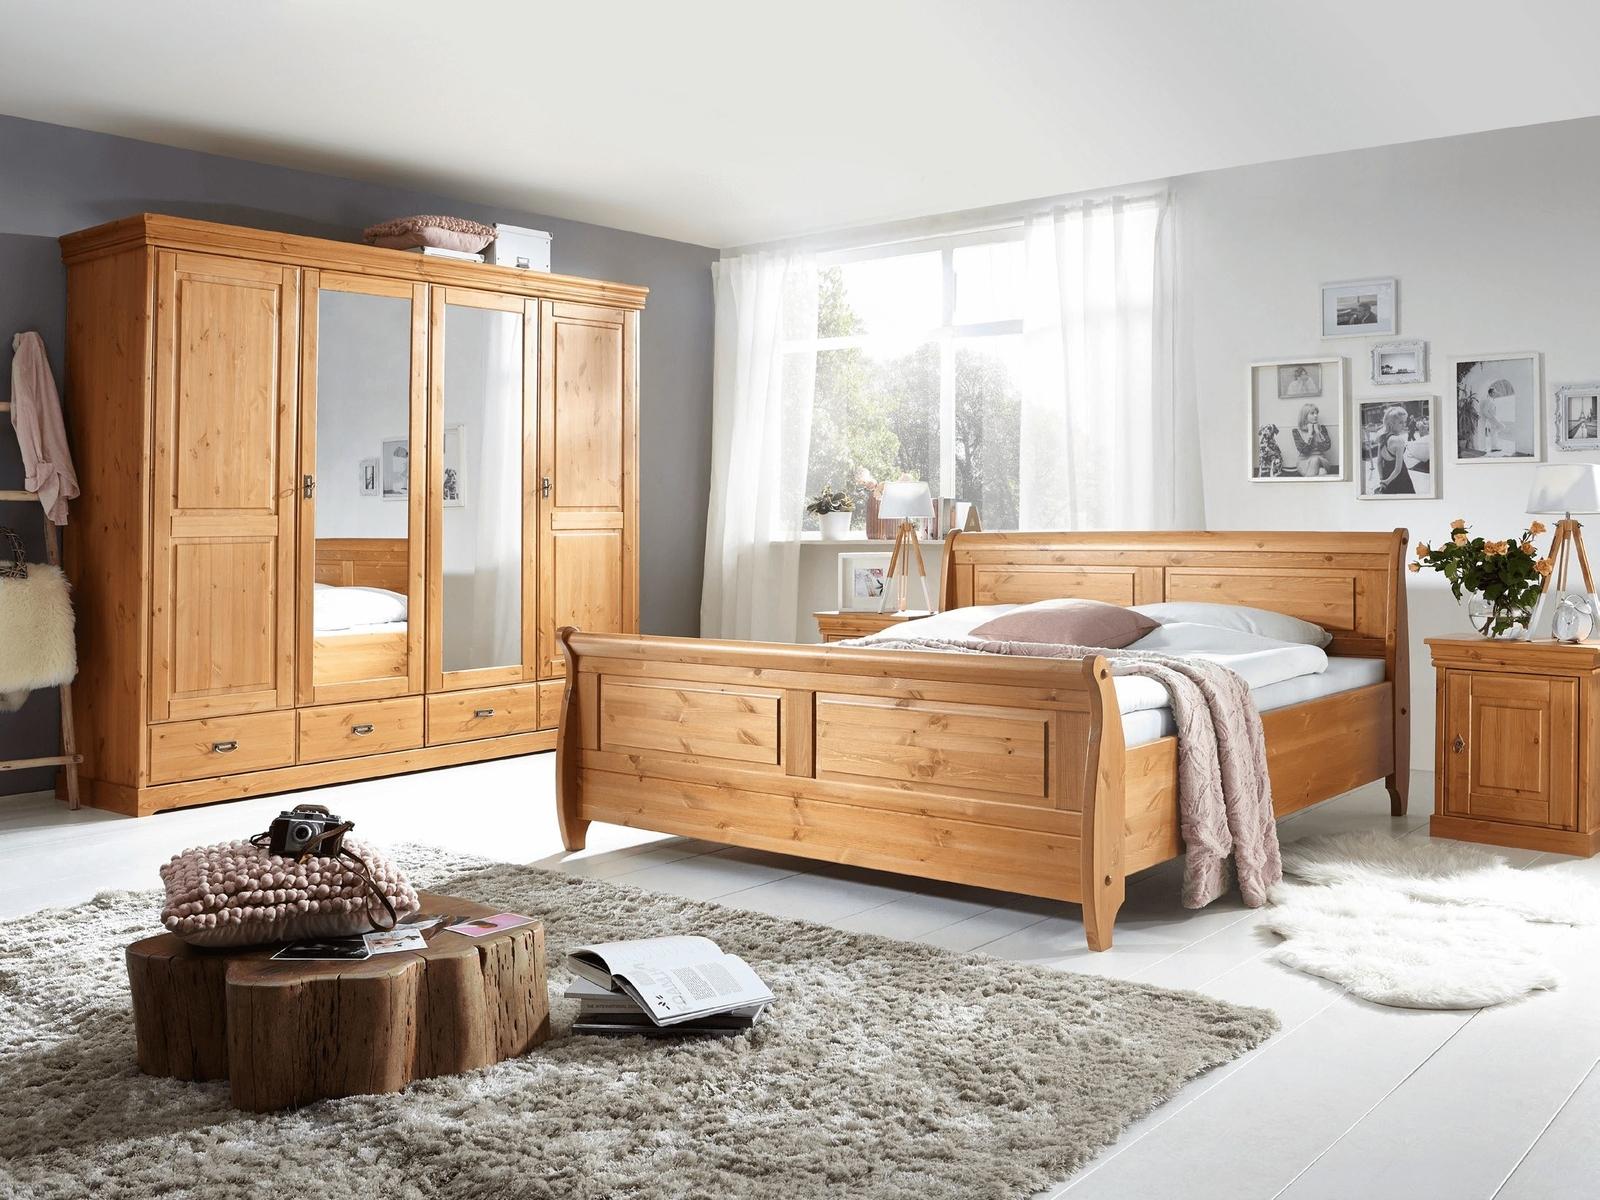 e6e2fcac1e Schlafzimmer Landhausstil Kiefer | Landhausstil Schlafzimmer Elegant ...